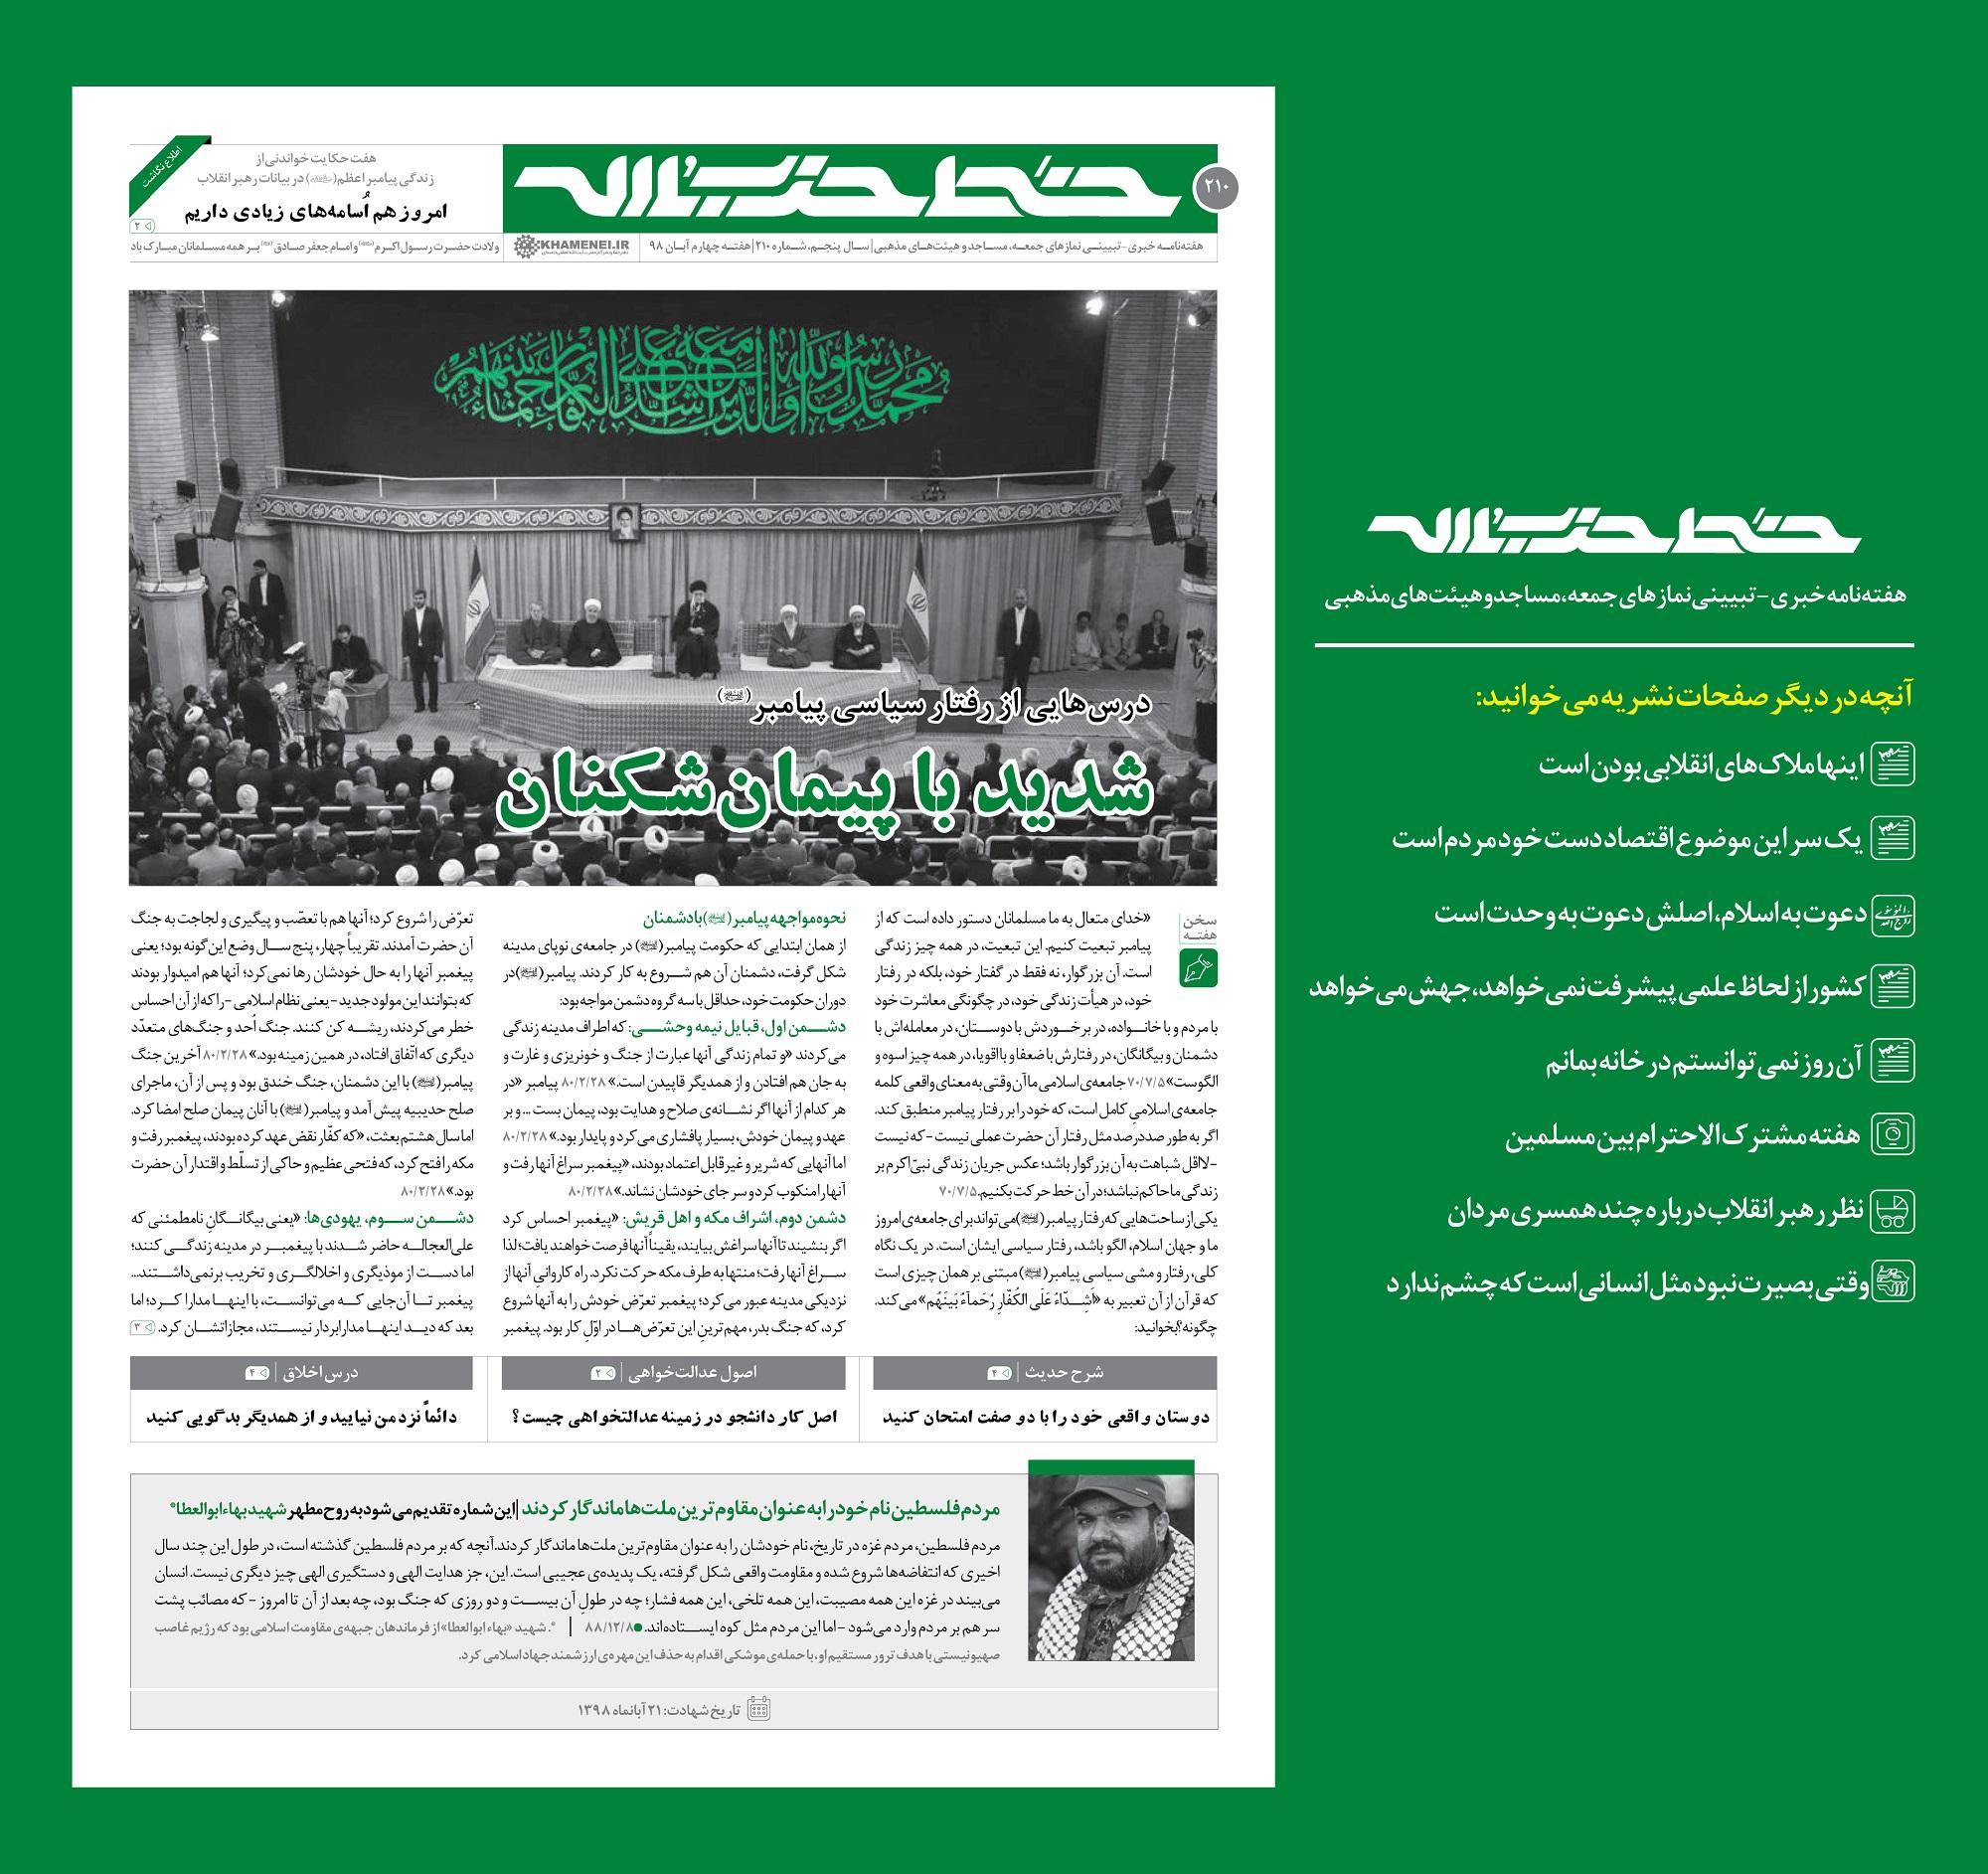 خط حزب الله ۲۱۰ | درسهایی از رفتار سیاسی پیامبر(ص)؛ شدید با پیمانشکنان